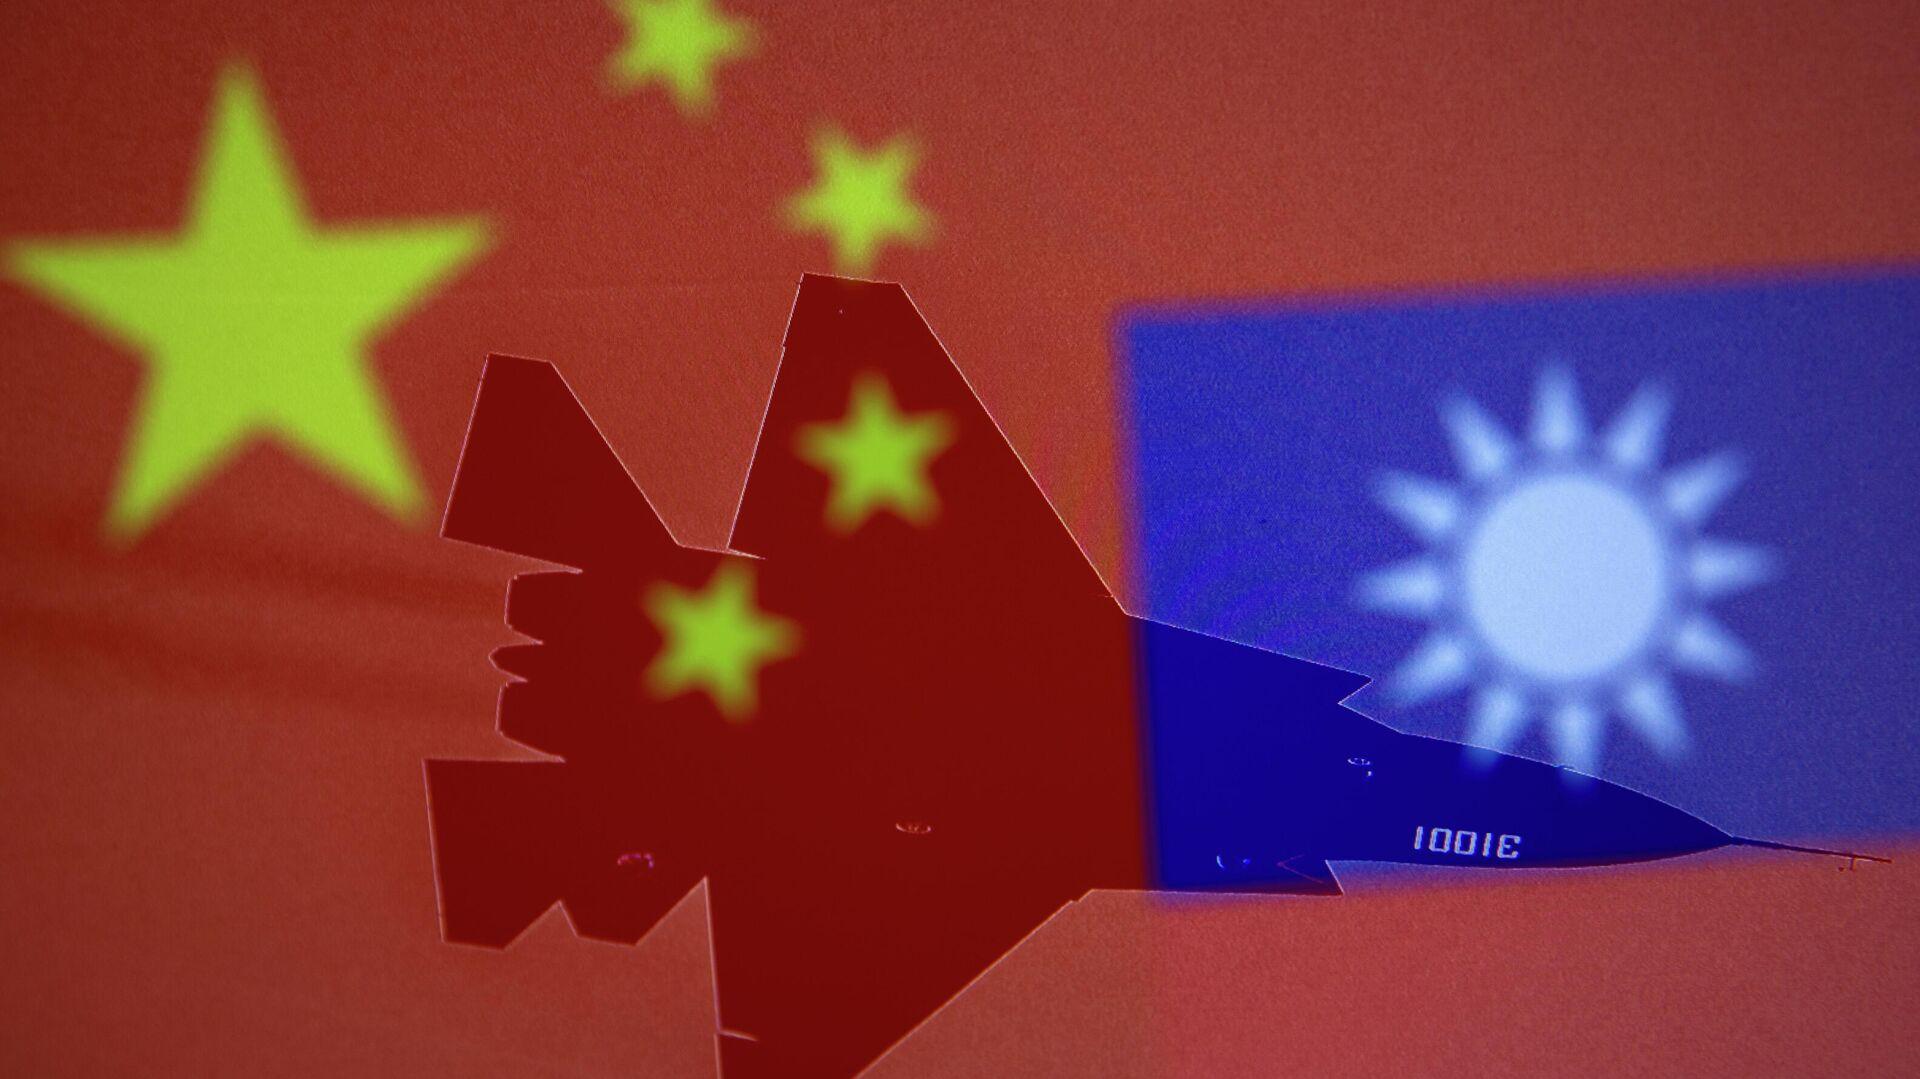 Banderas de China y Taiwán con silueta de un caza - Sputnik Mundo, 1920, 03.10.2021